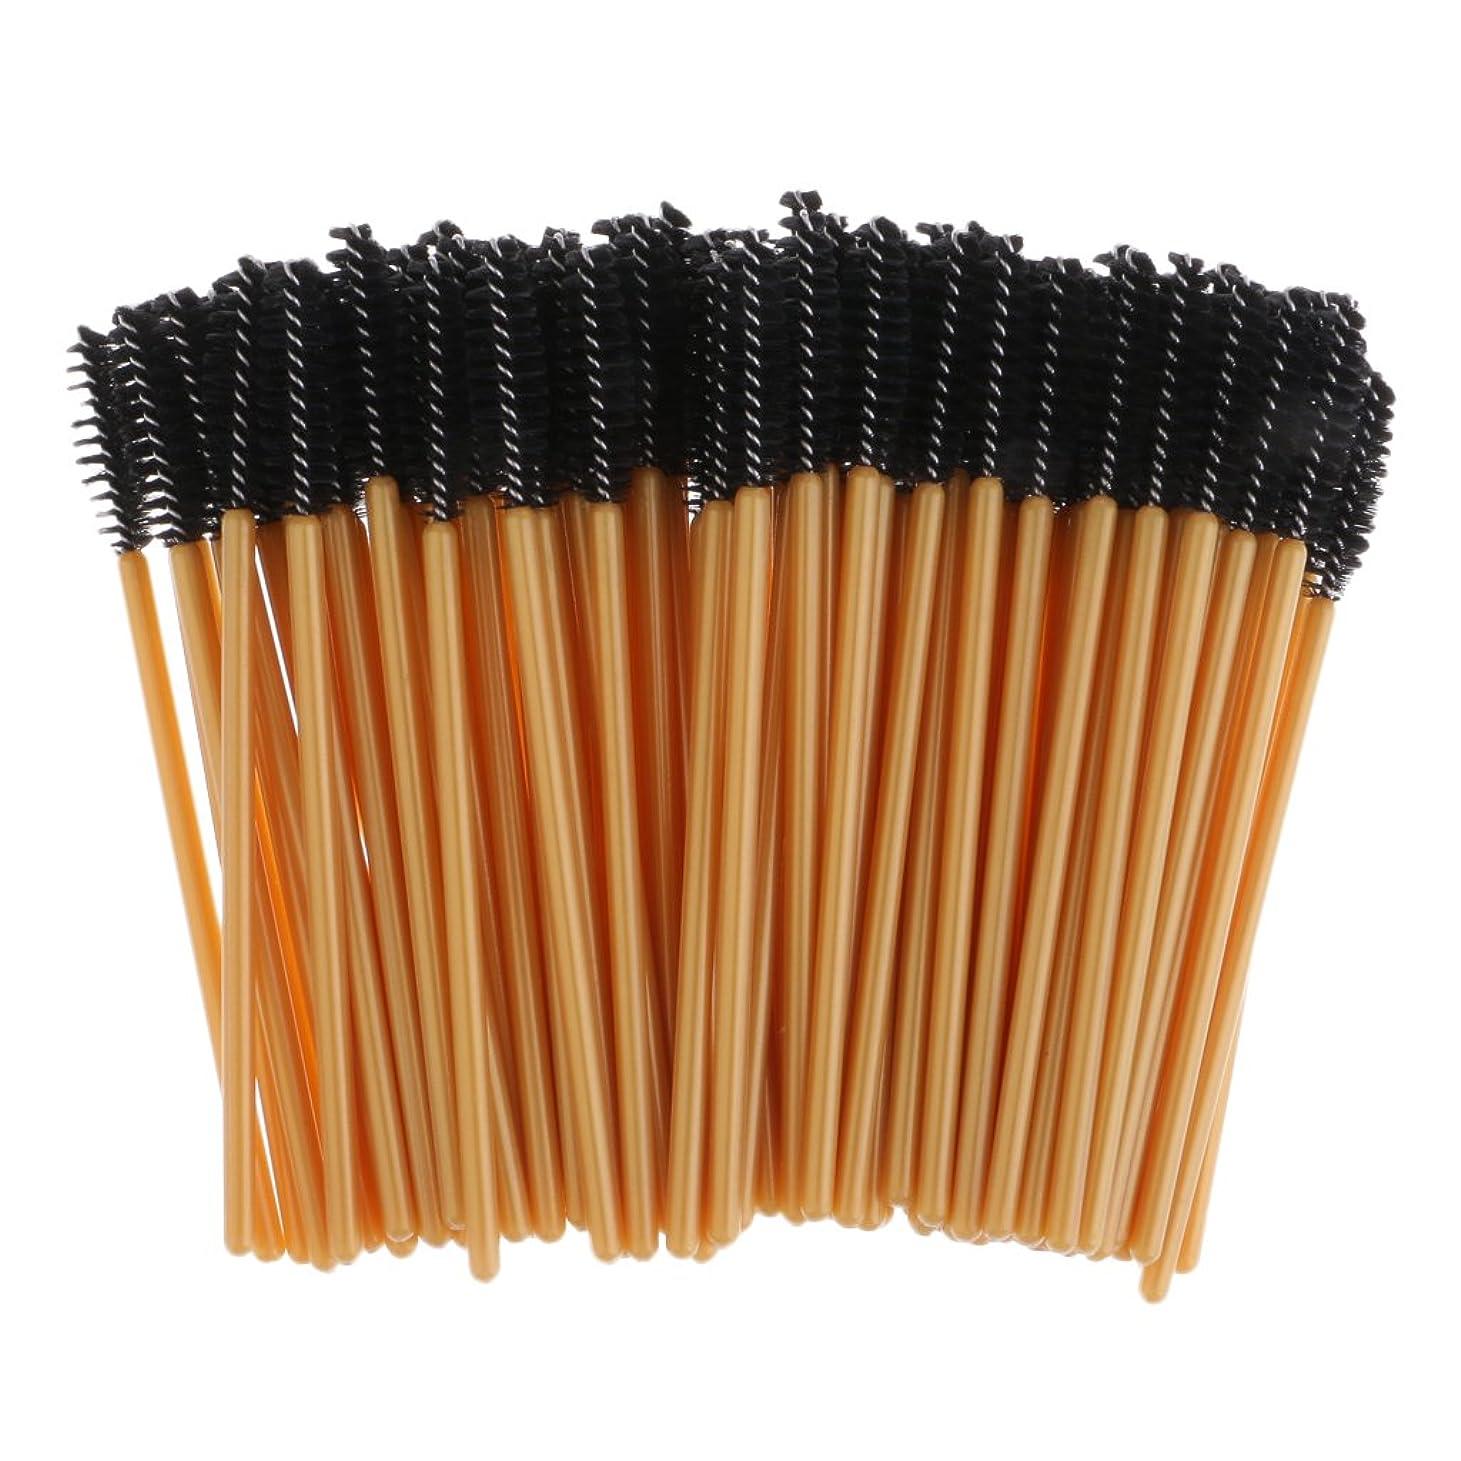 モーションアンタゴニスト資格情報Kesoto 約100個 まつ毛ブラシ 使い捨て マスカラワンド メイクブラシ 超柔らか ナイロンブラシ メイクアップ 化粧